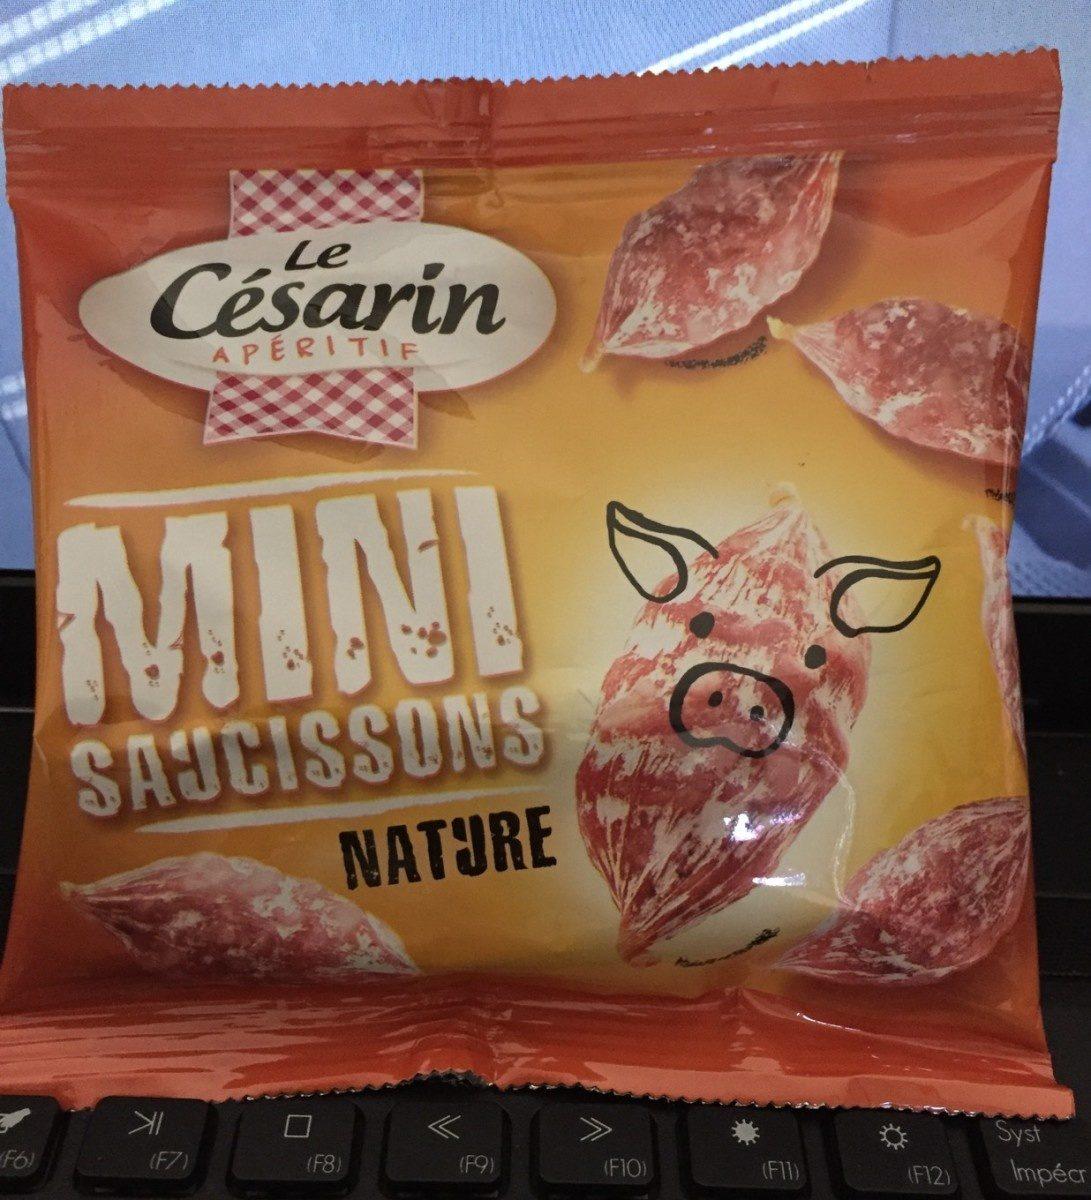 Mini saucissons nature (porc) - Product - fr